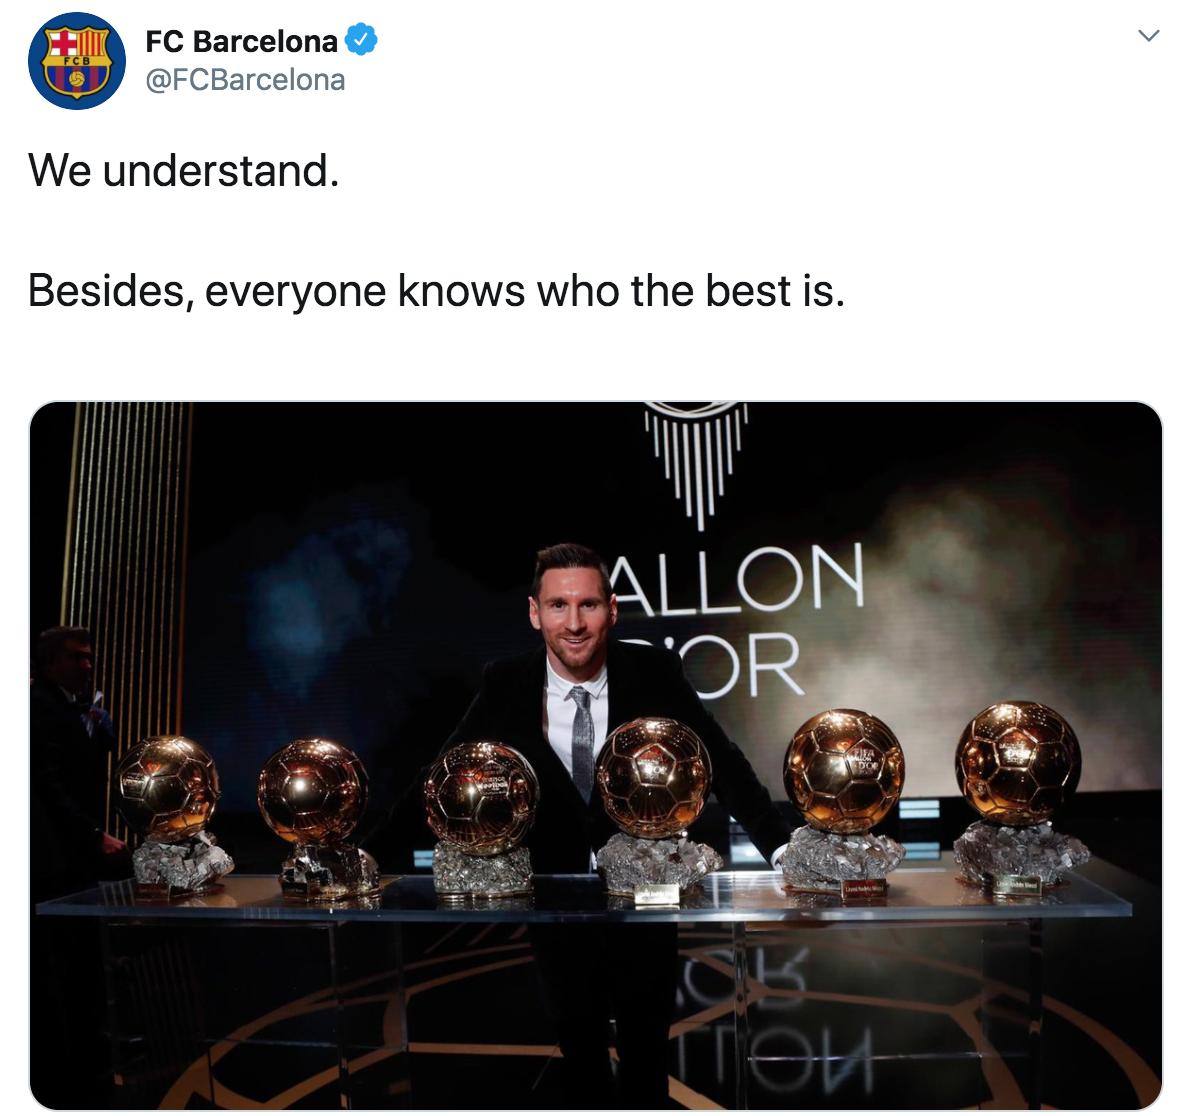 金球奖取消!巴萨官推晒梅西照:理解,都知道谁是世界最佳